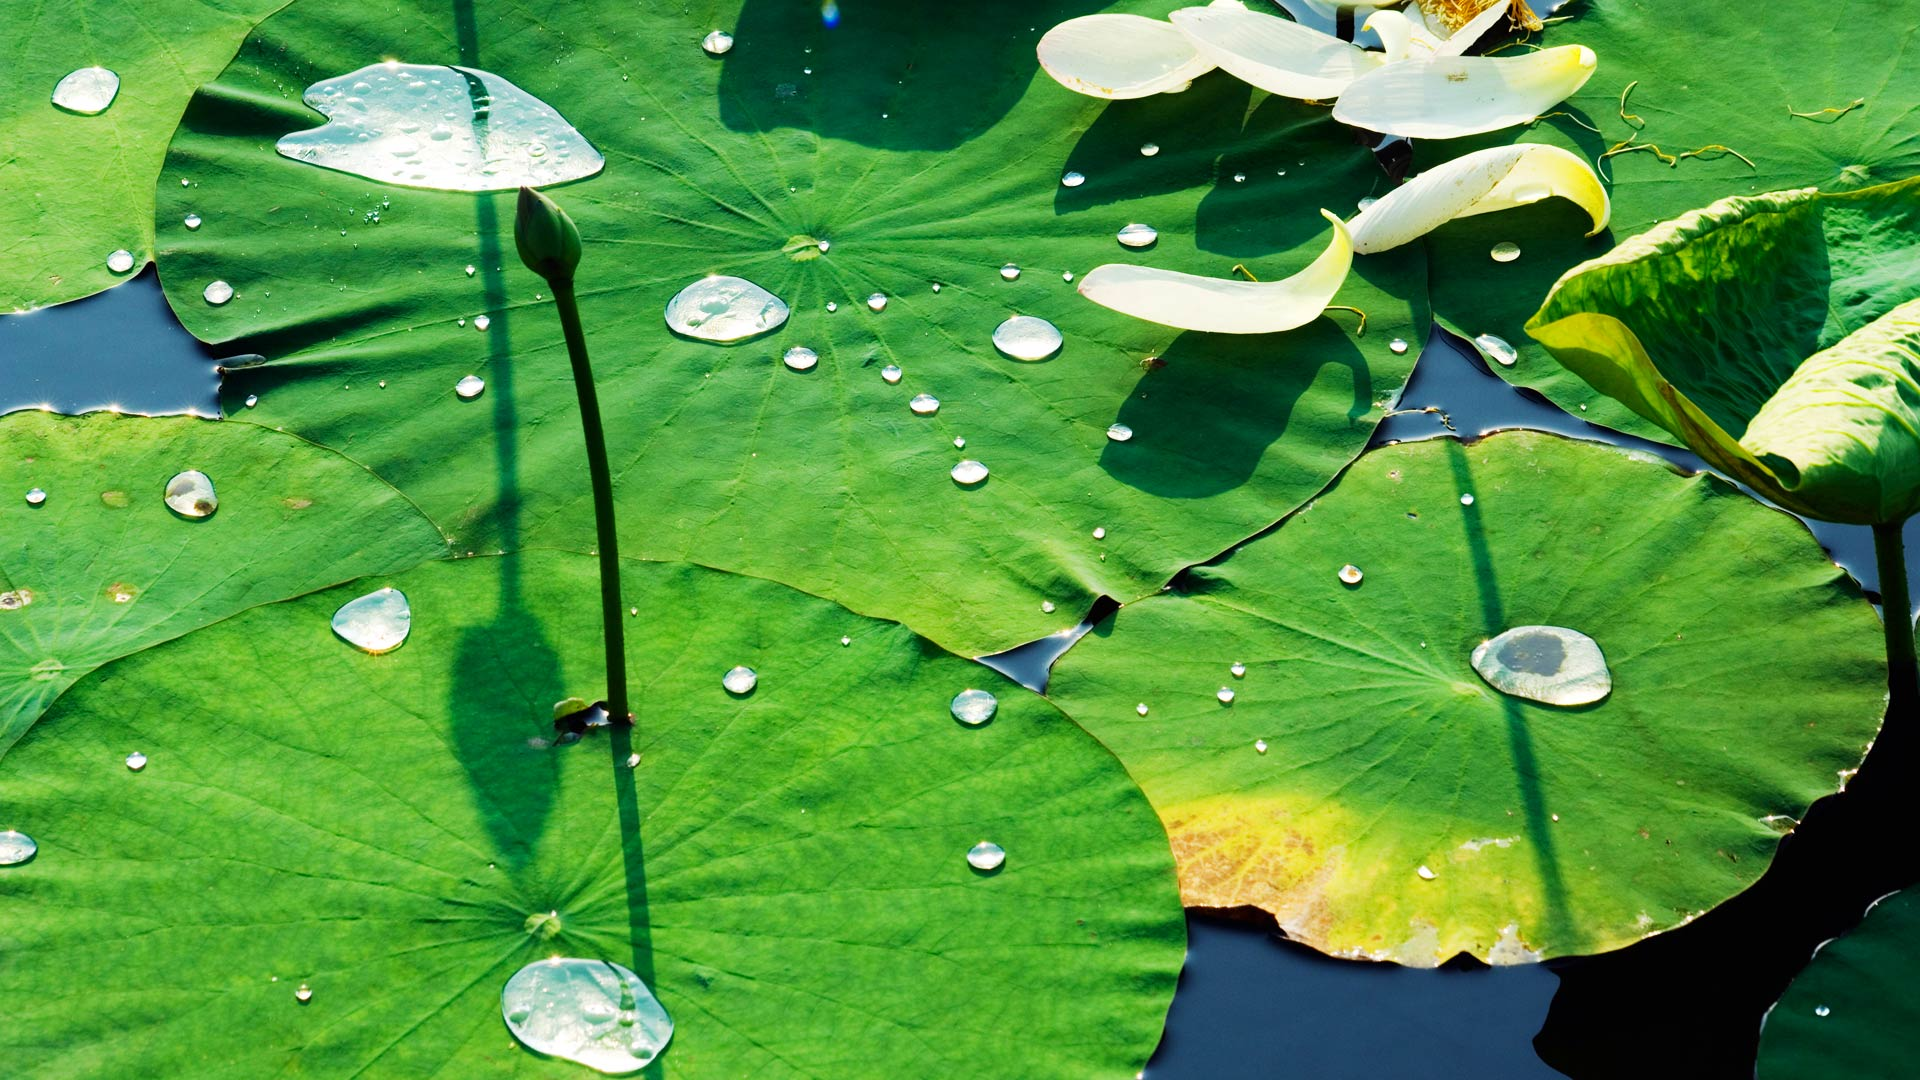 WaterliliesYuanmingyuan_ZH-CN10533925188_1920x1080